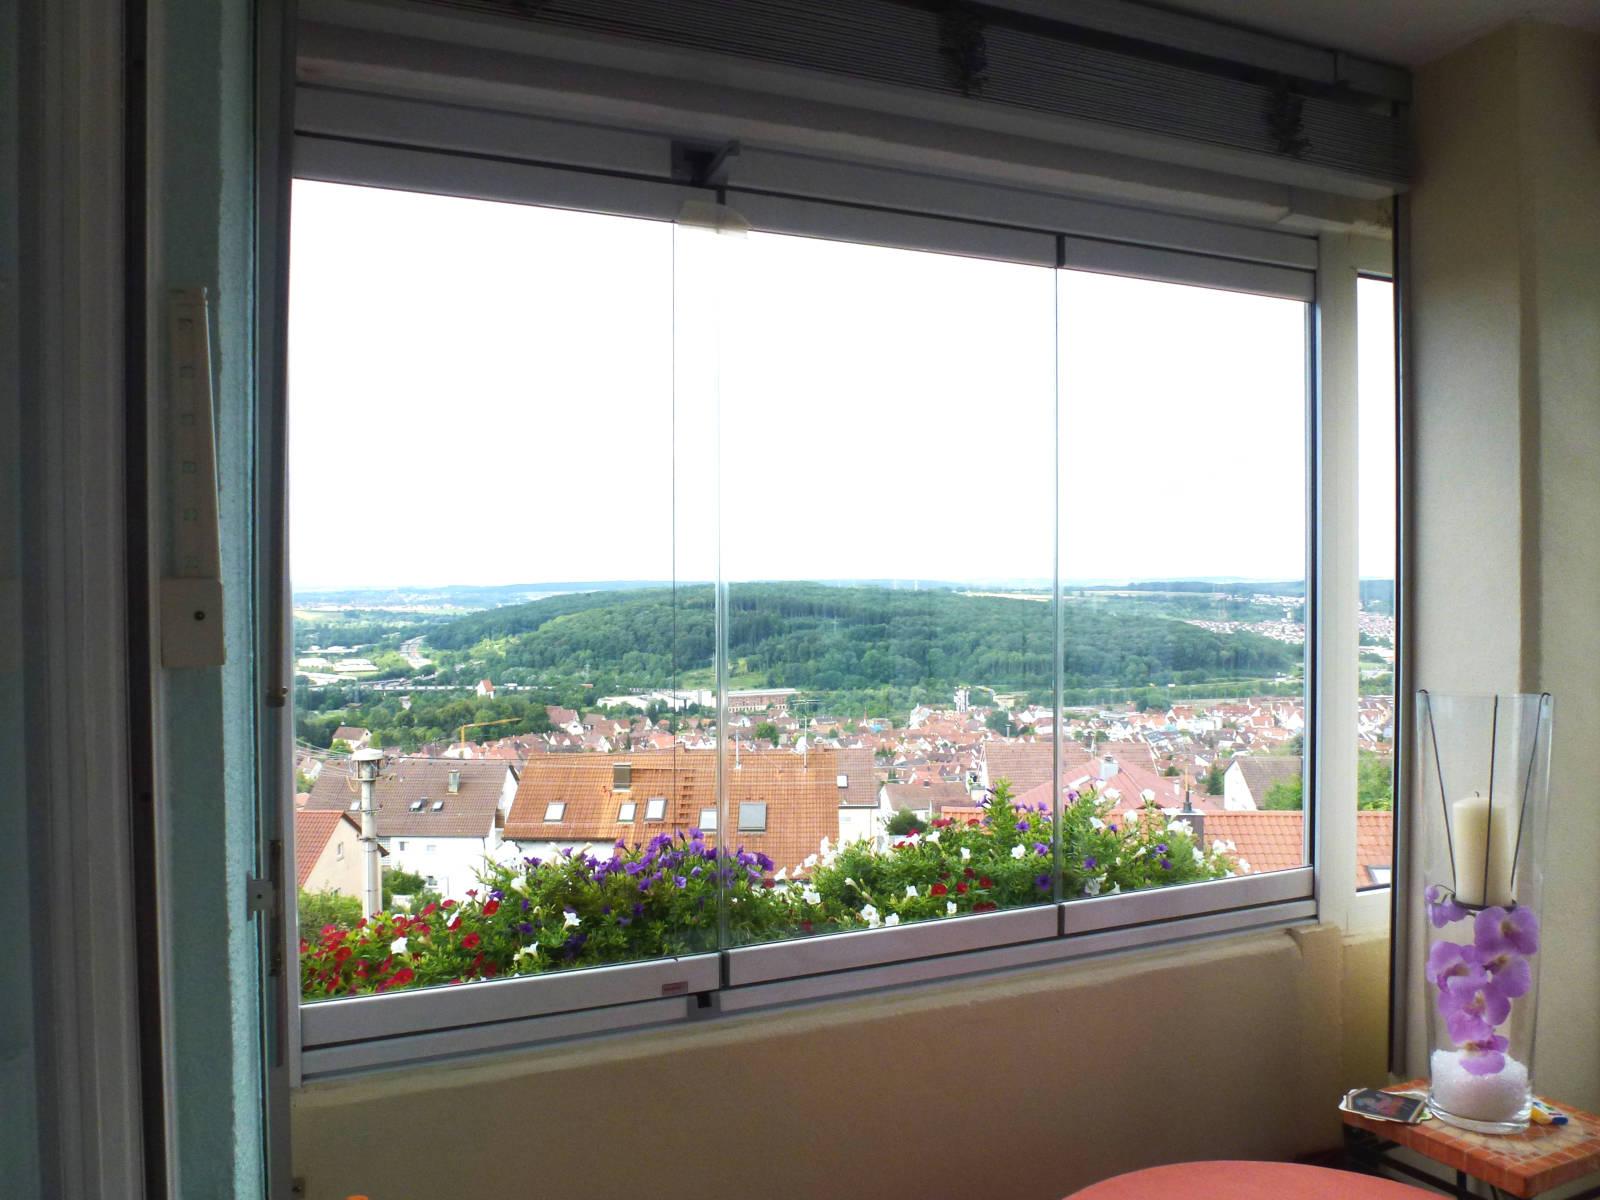 Balkonverglasungen freudenstadt waldenberg - Schiebefenster fur balkon ...